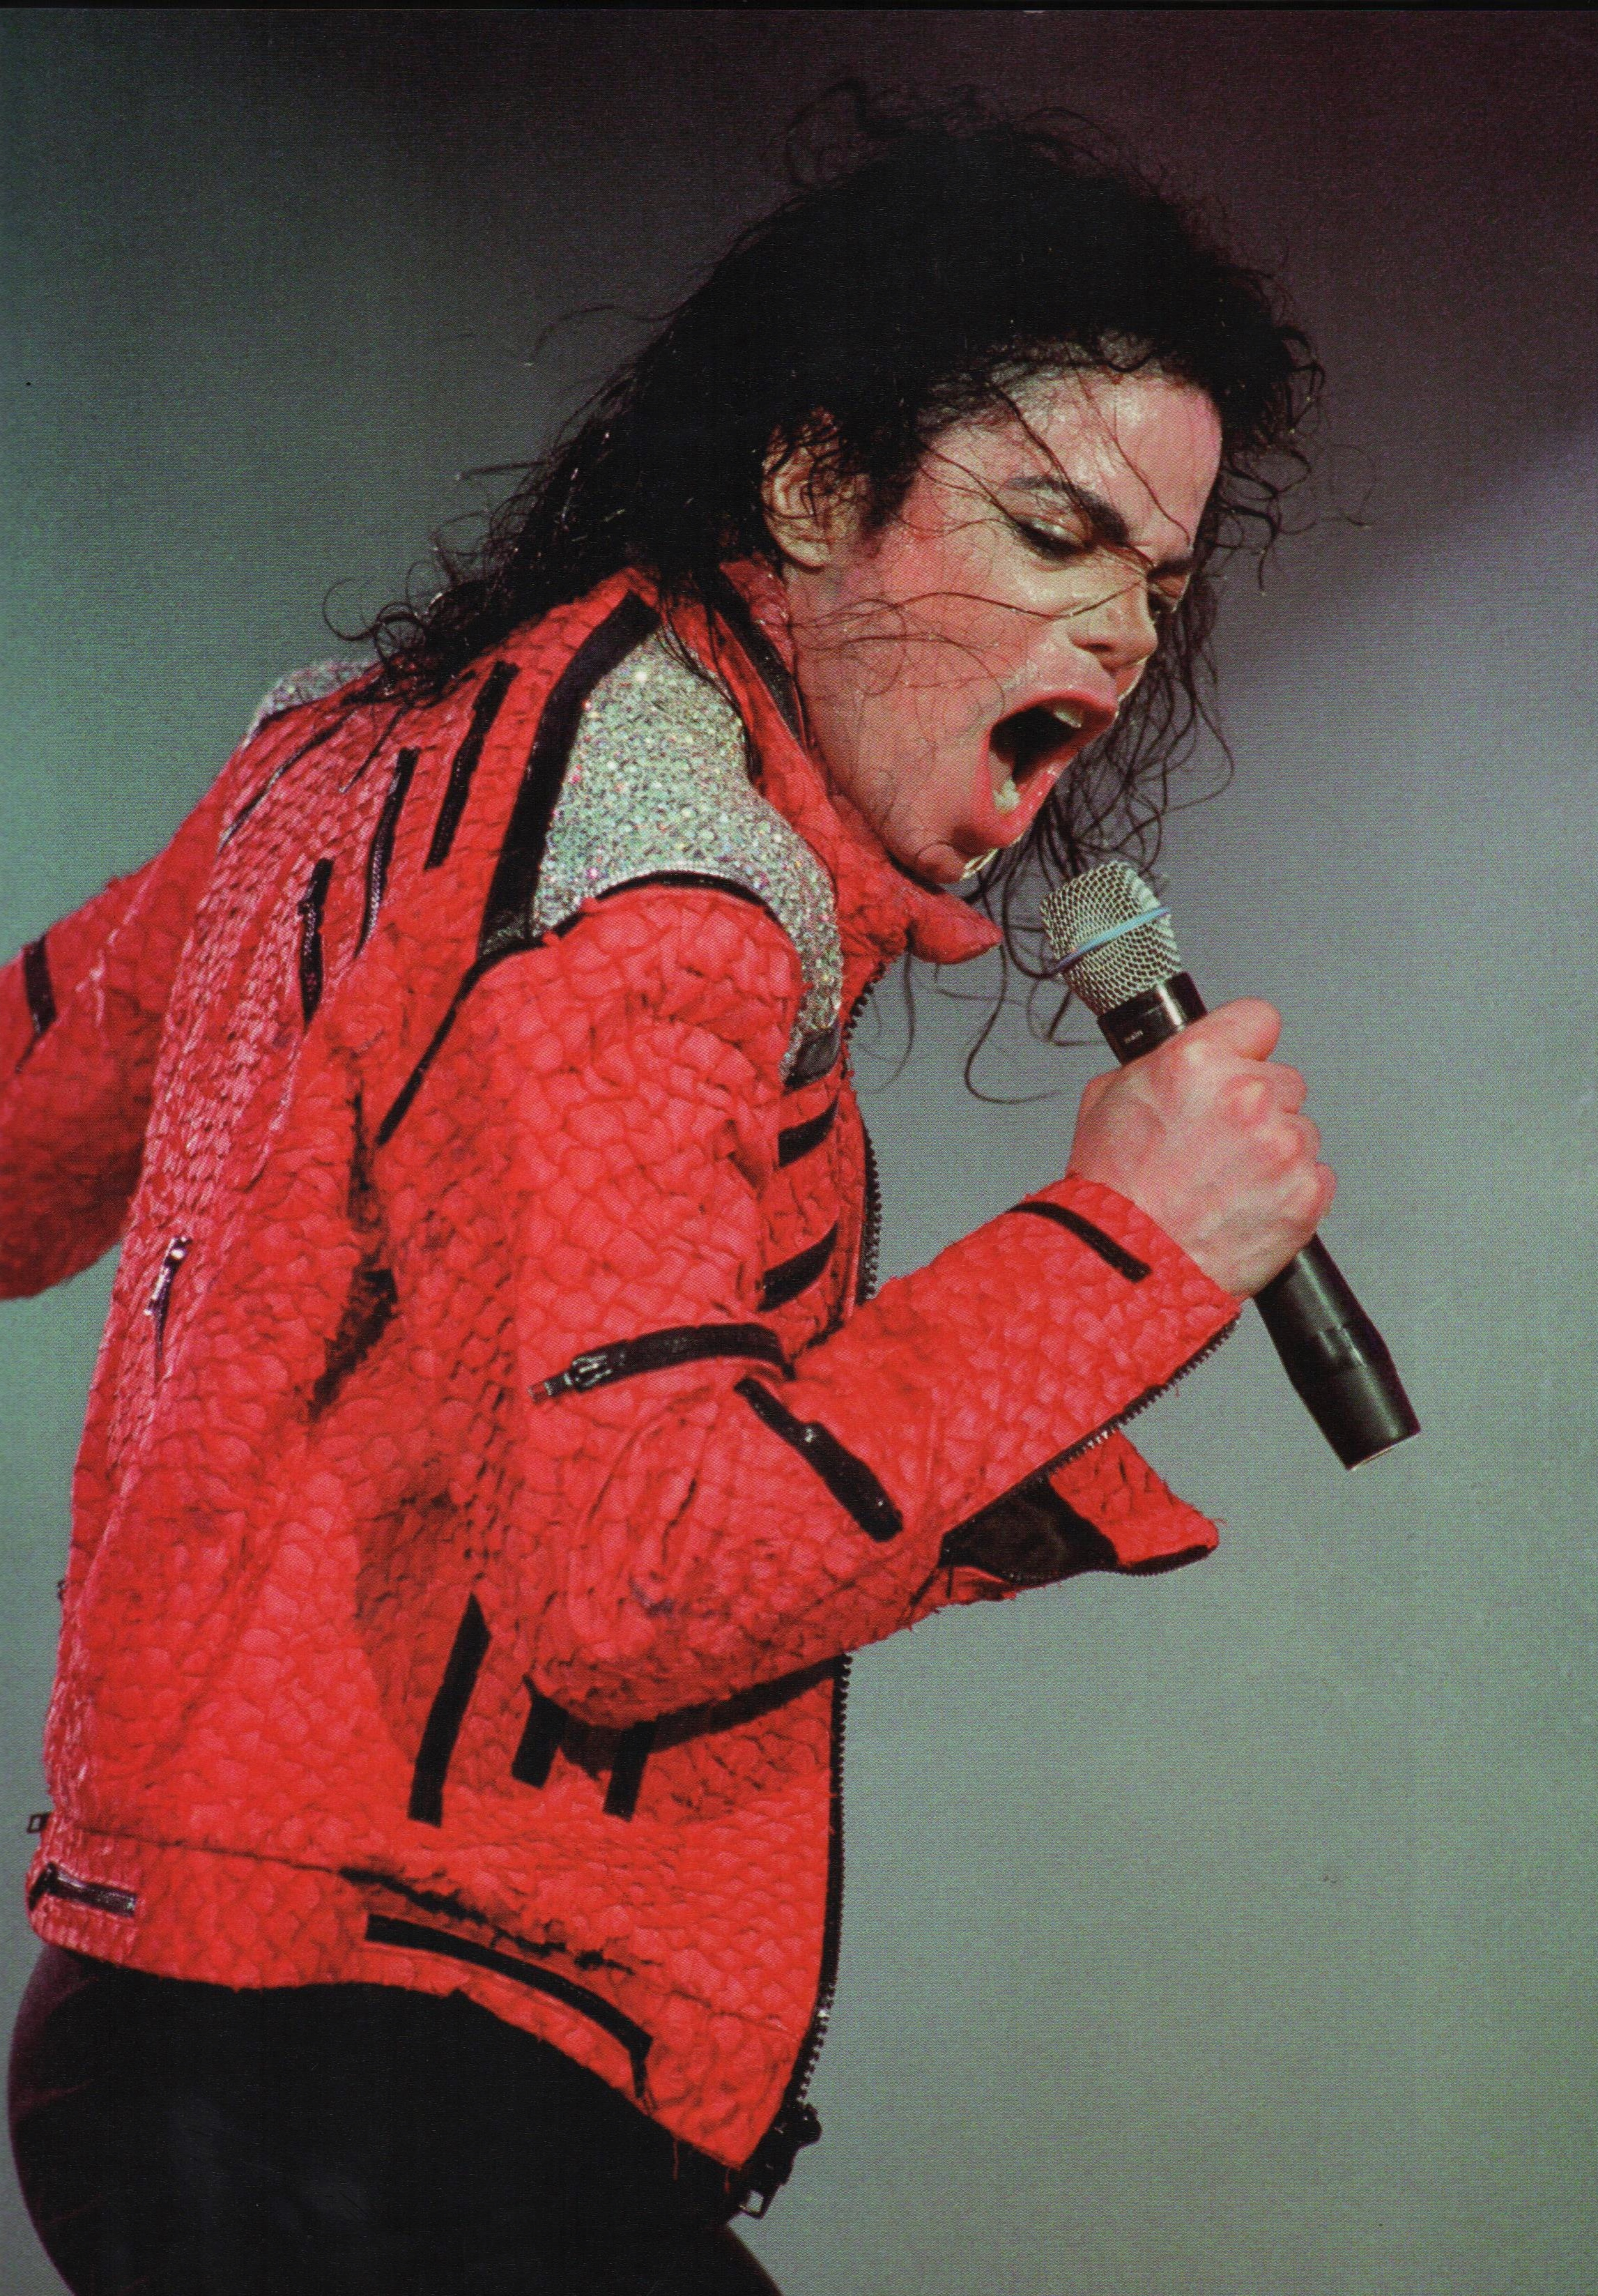 Michael Jackson - HQ Scan - Dangerous Tour?